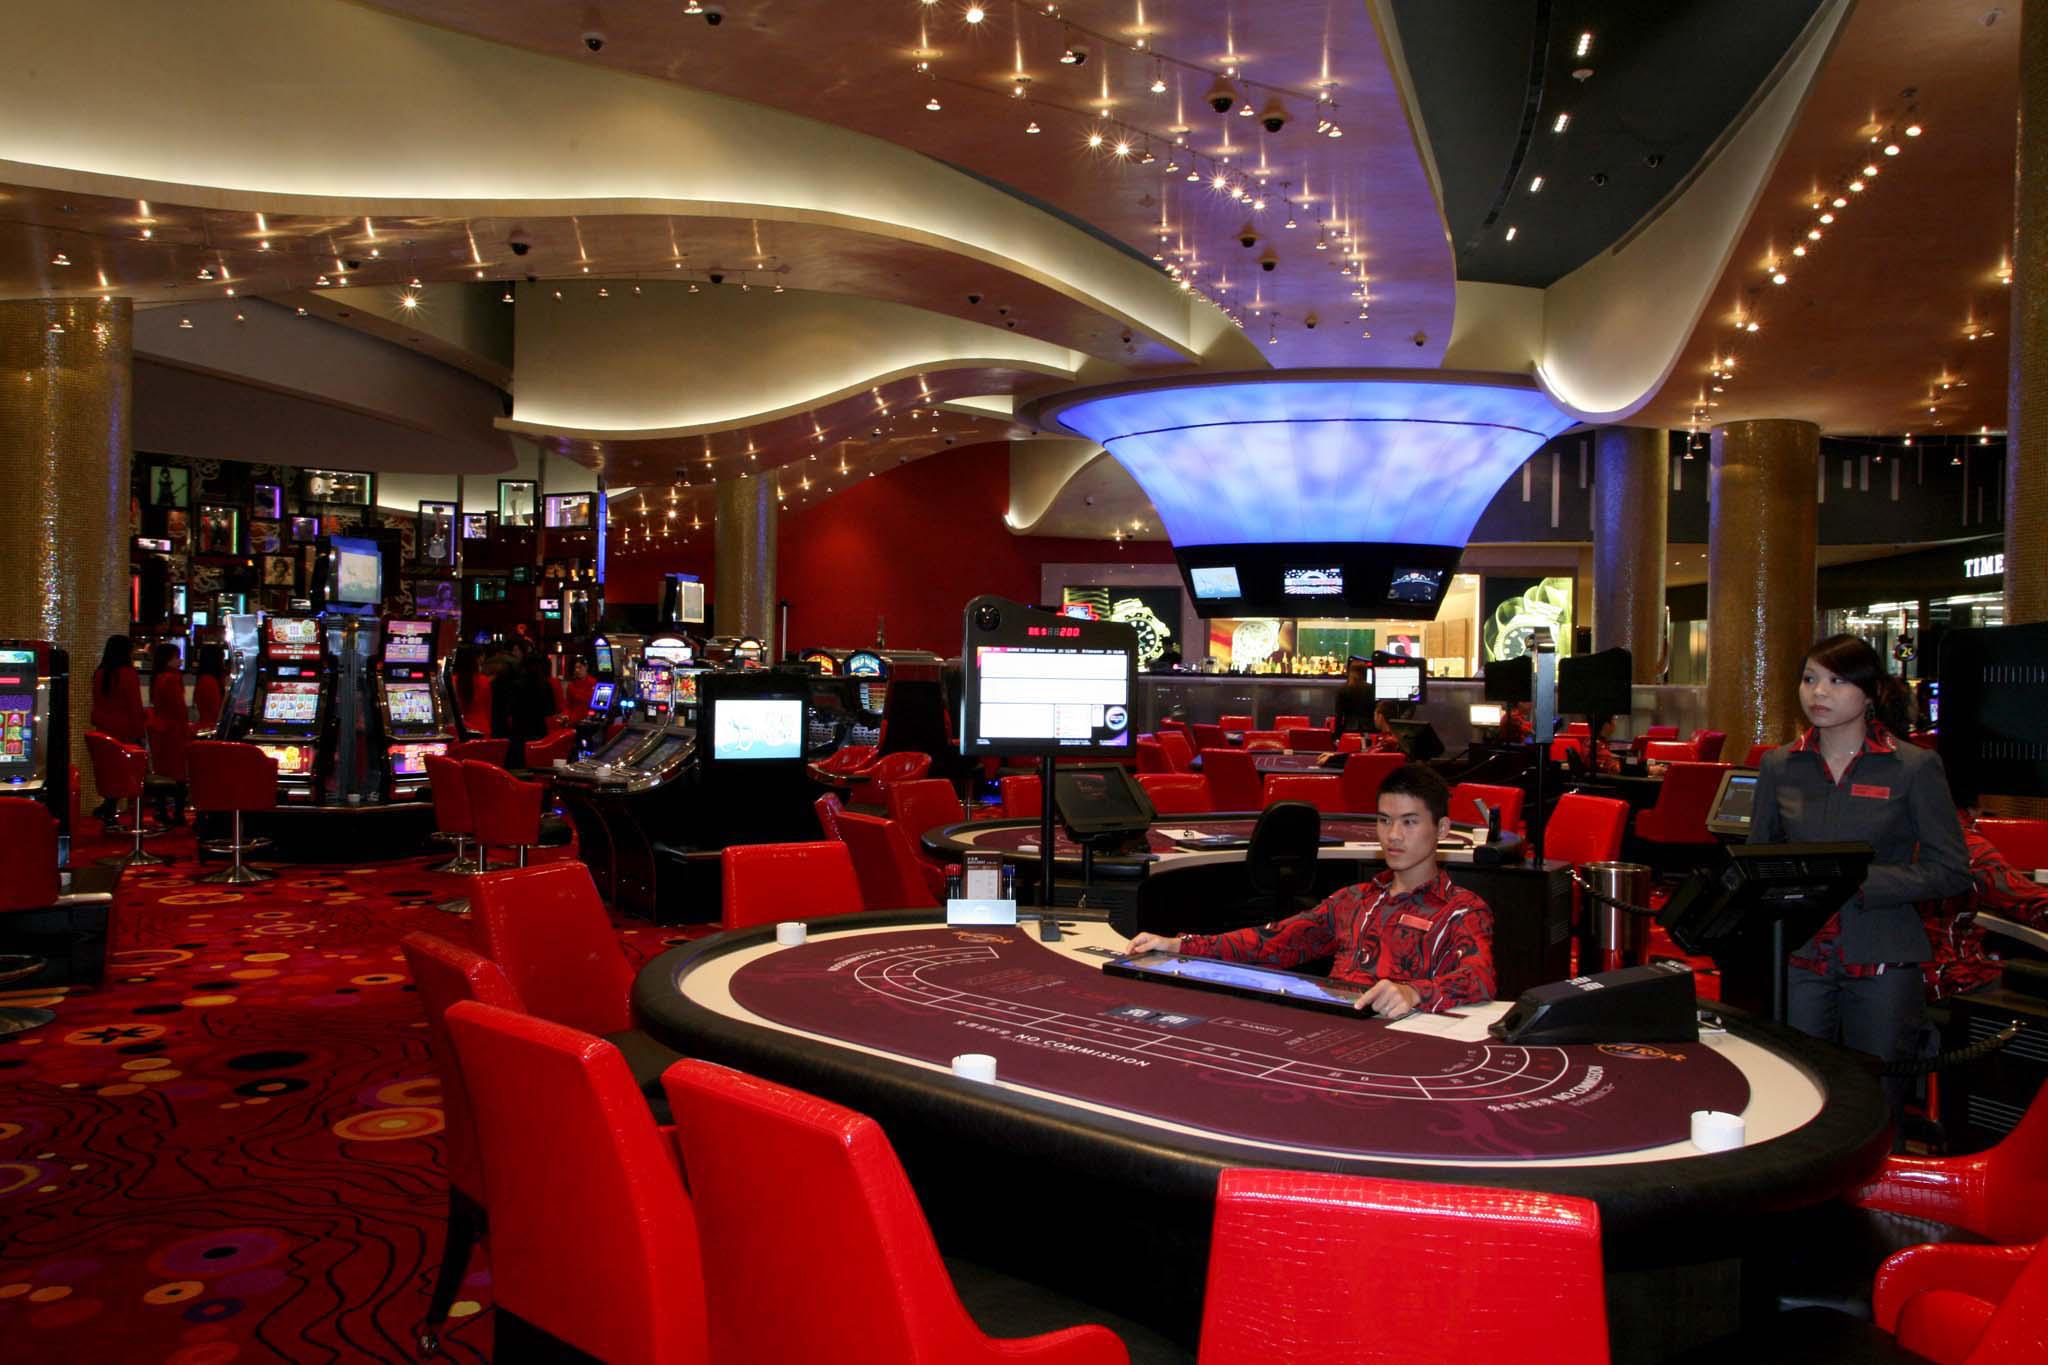 Casinos | Estudo defende aposta no segmento não jogo na Grande Baía para diversificar economia